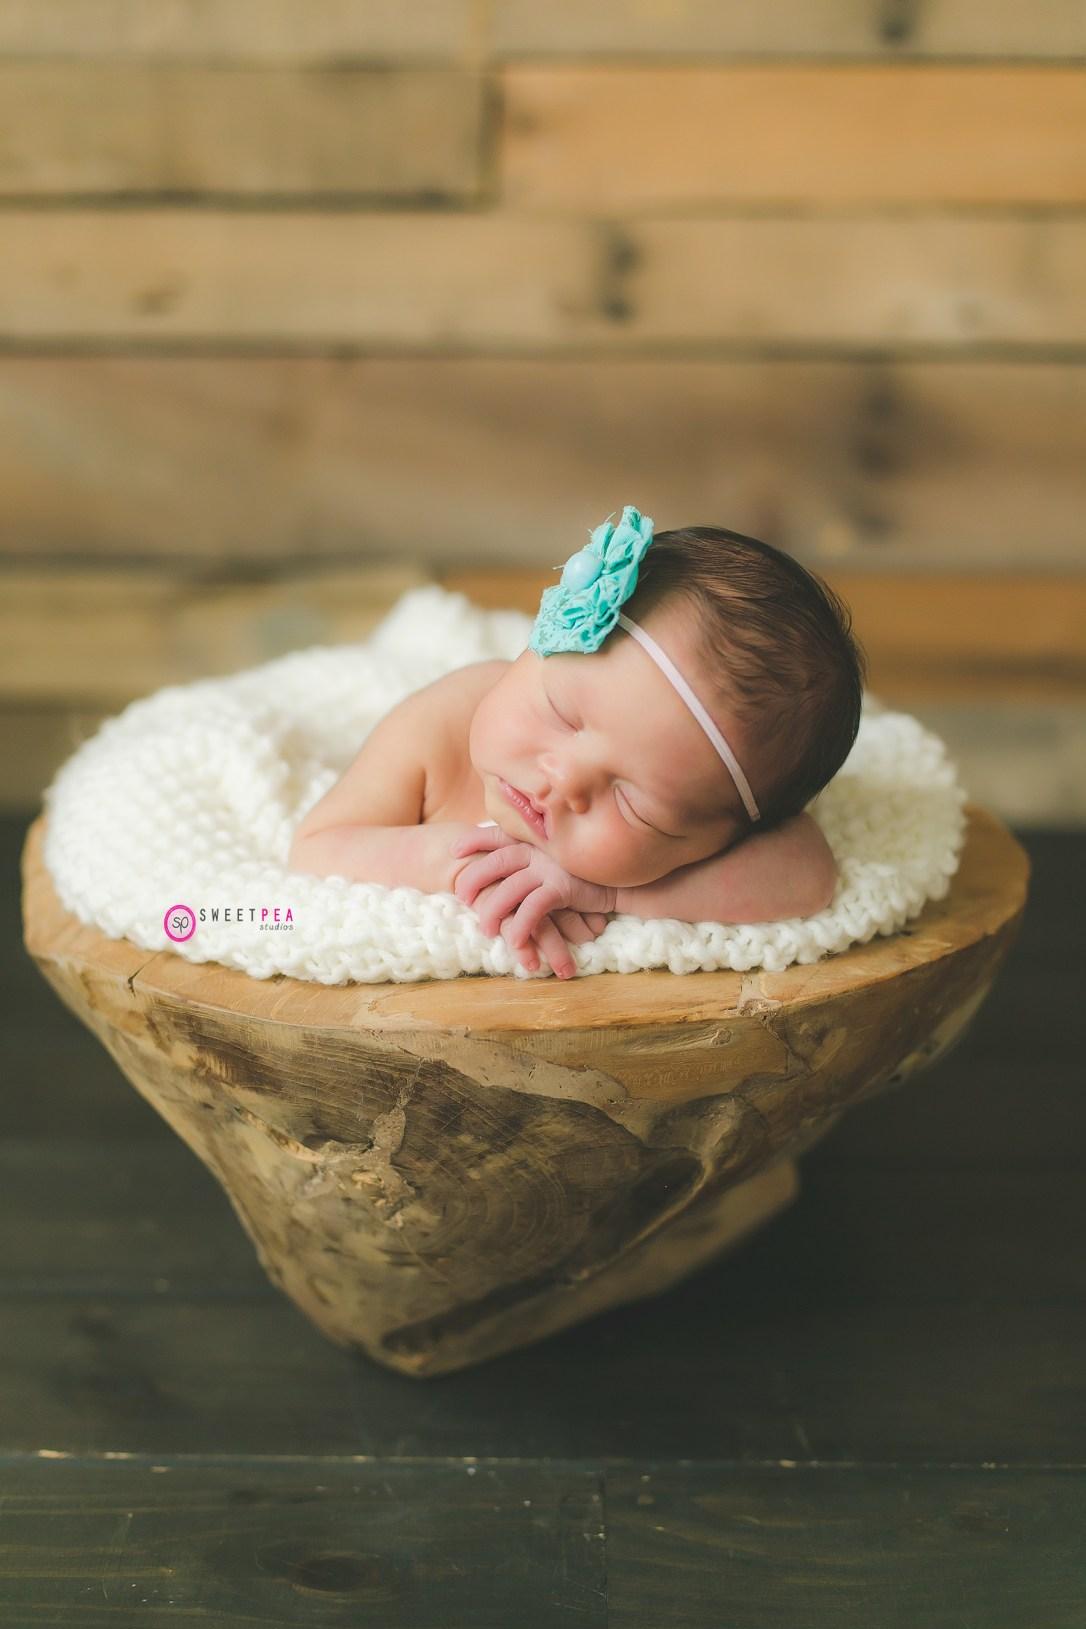 Sweet Pea baby in basket